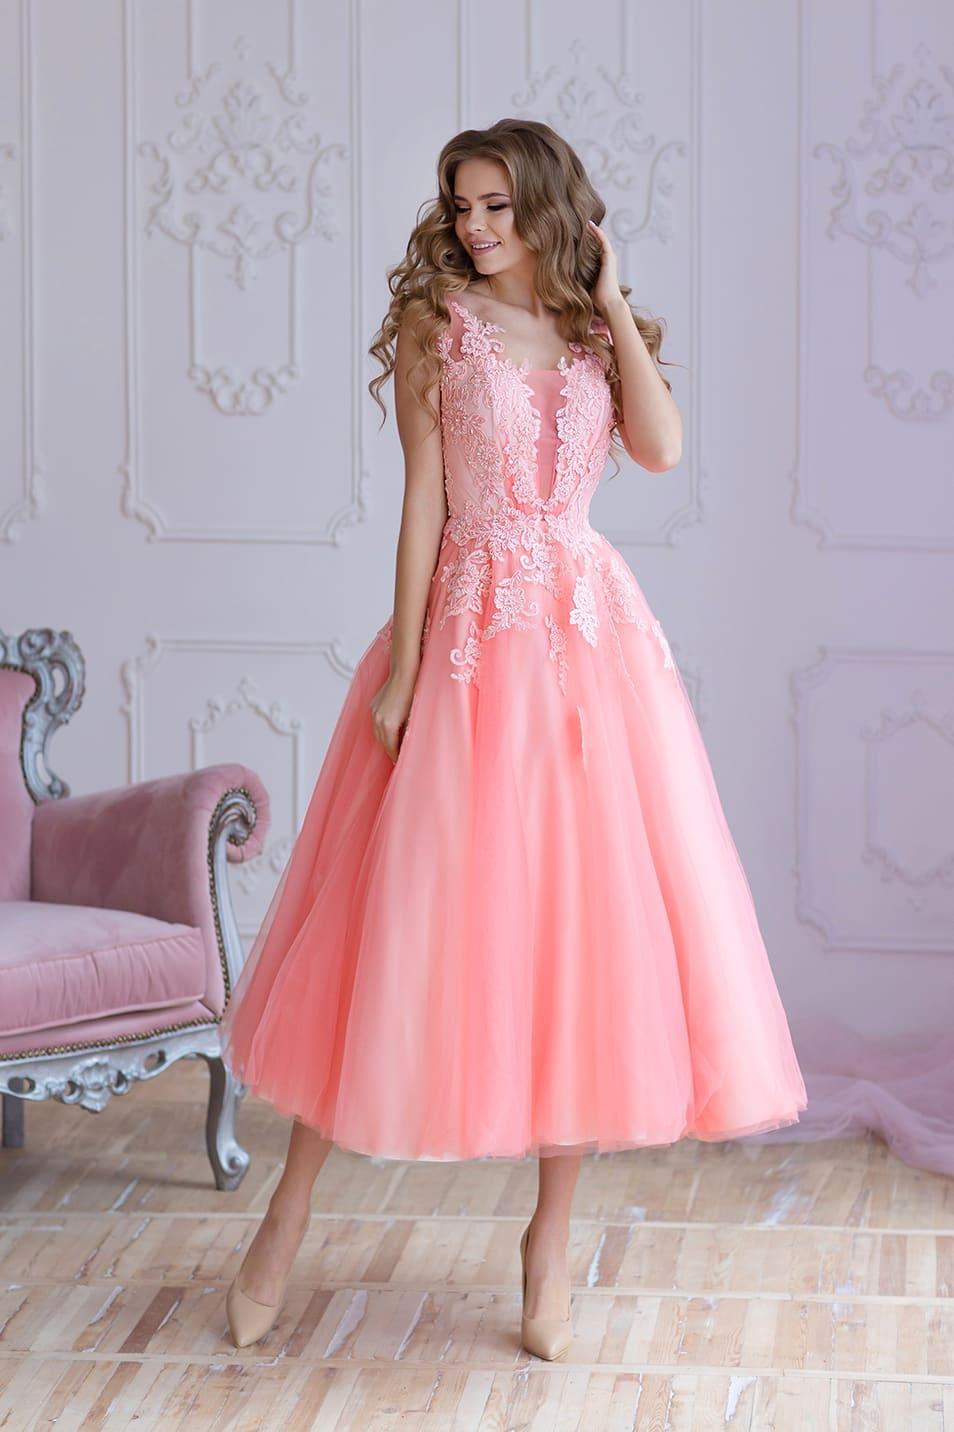 e43f1fdc8cfd Платье на выпускной розового цвета Valentina Gladun Brian розовое ...